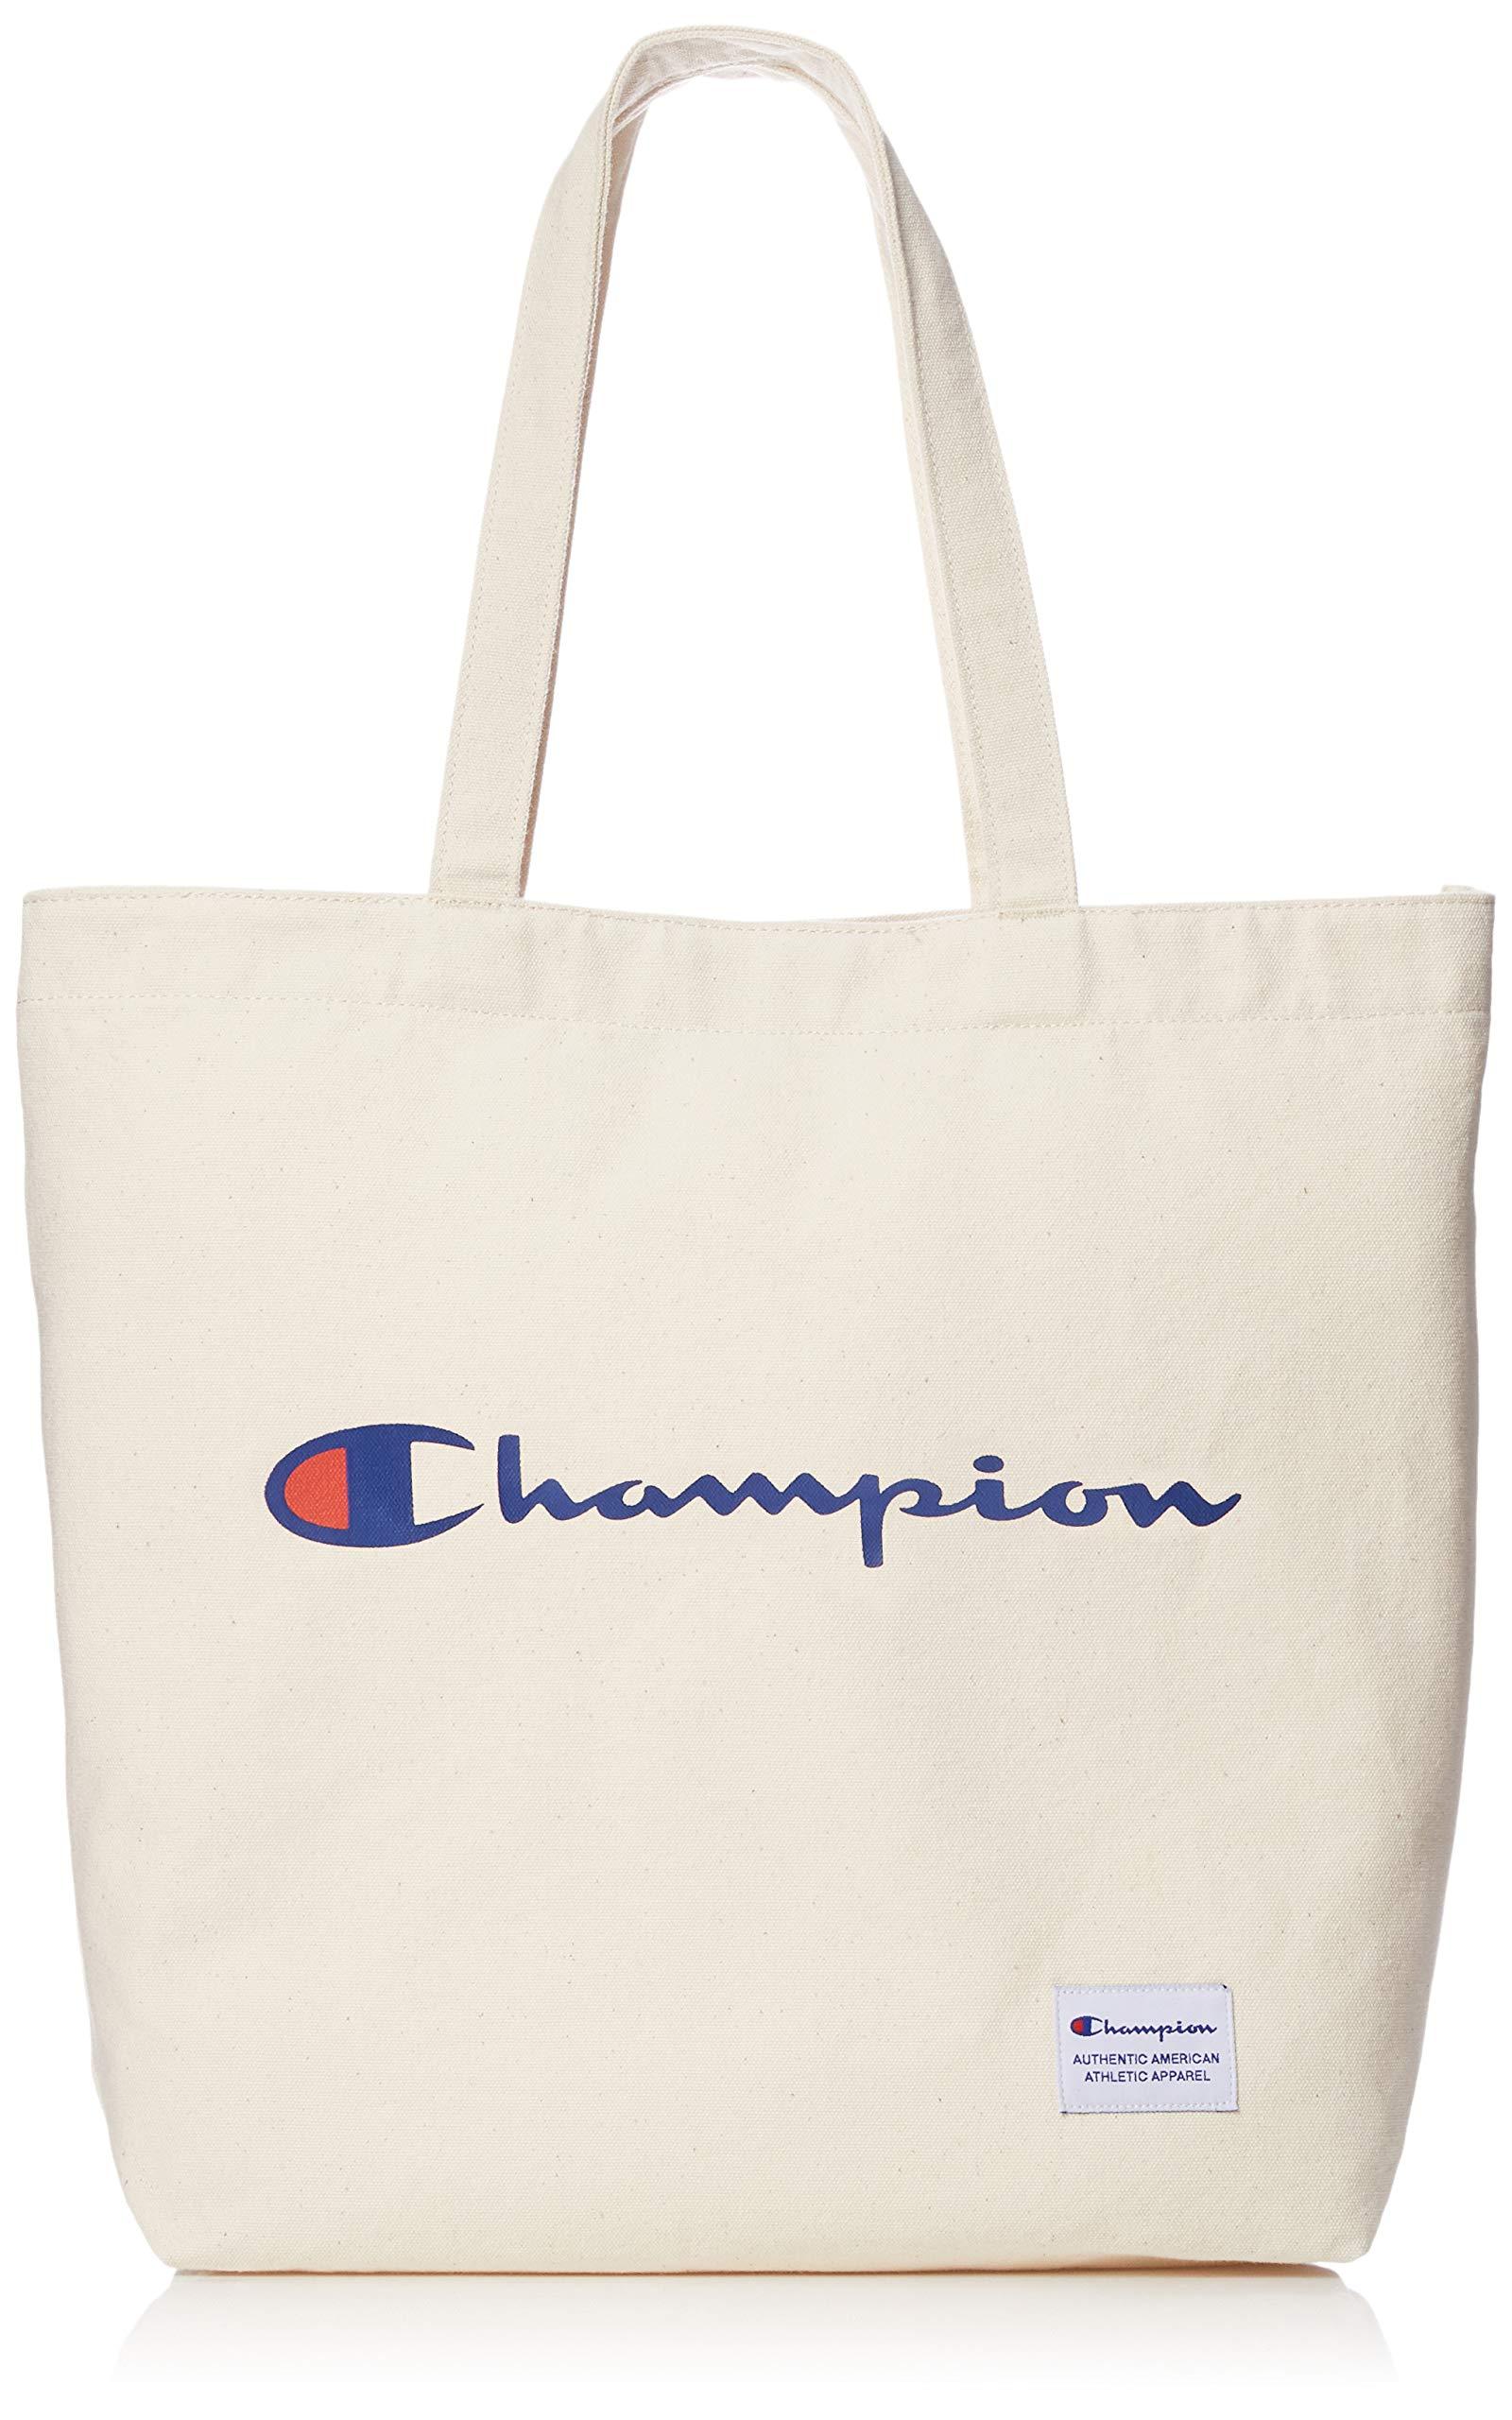 (冠军) Champion 帆布 印有标志 大手提袋(横长款)